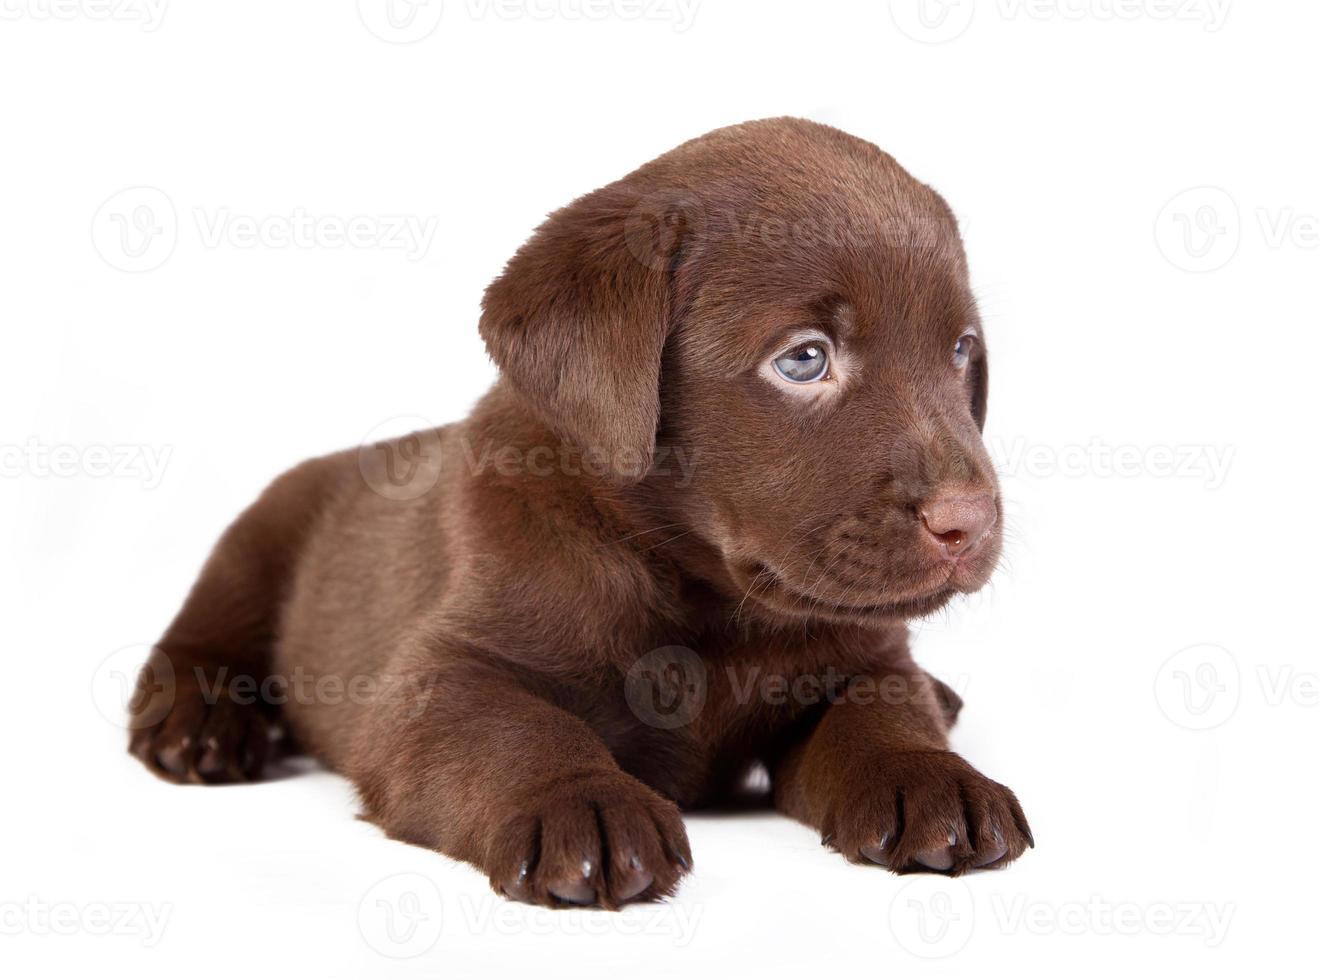 labrador cucciolo di cioccolato è sdraiato sul bianco foto